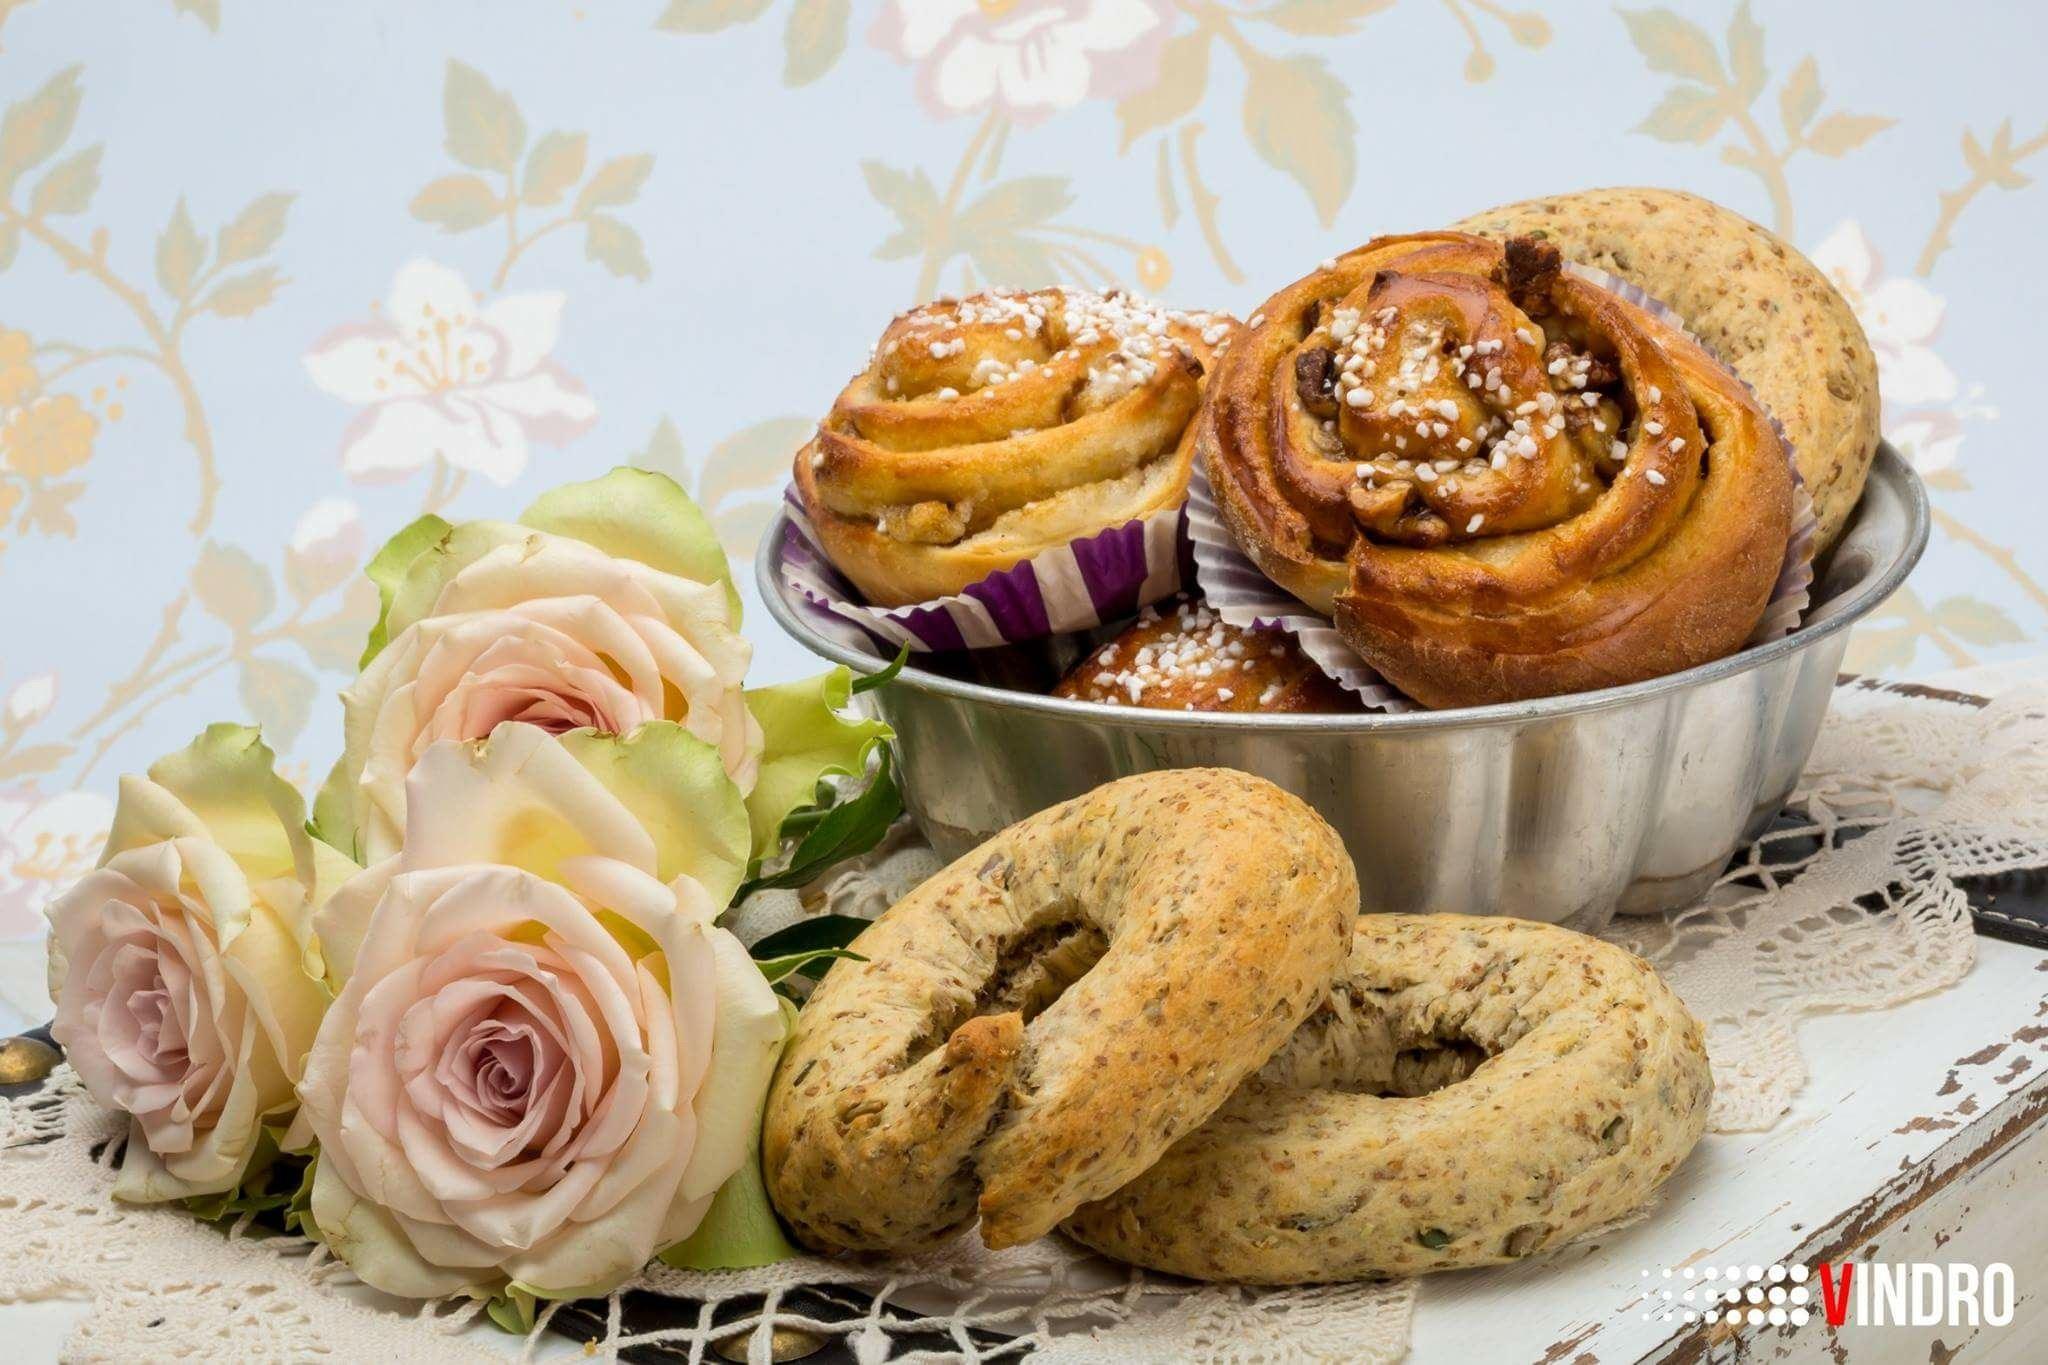 Munges Bageri & Café